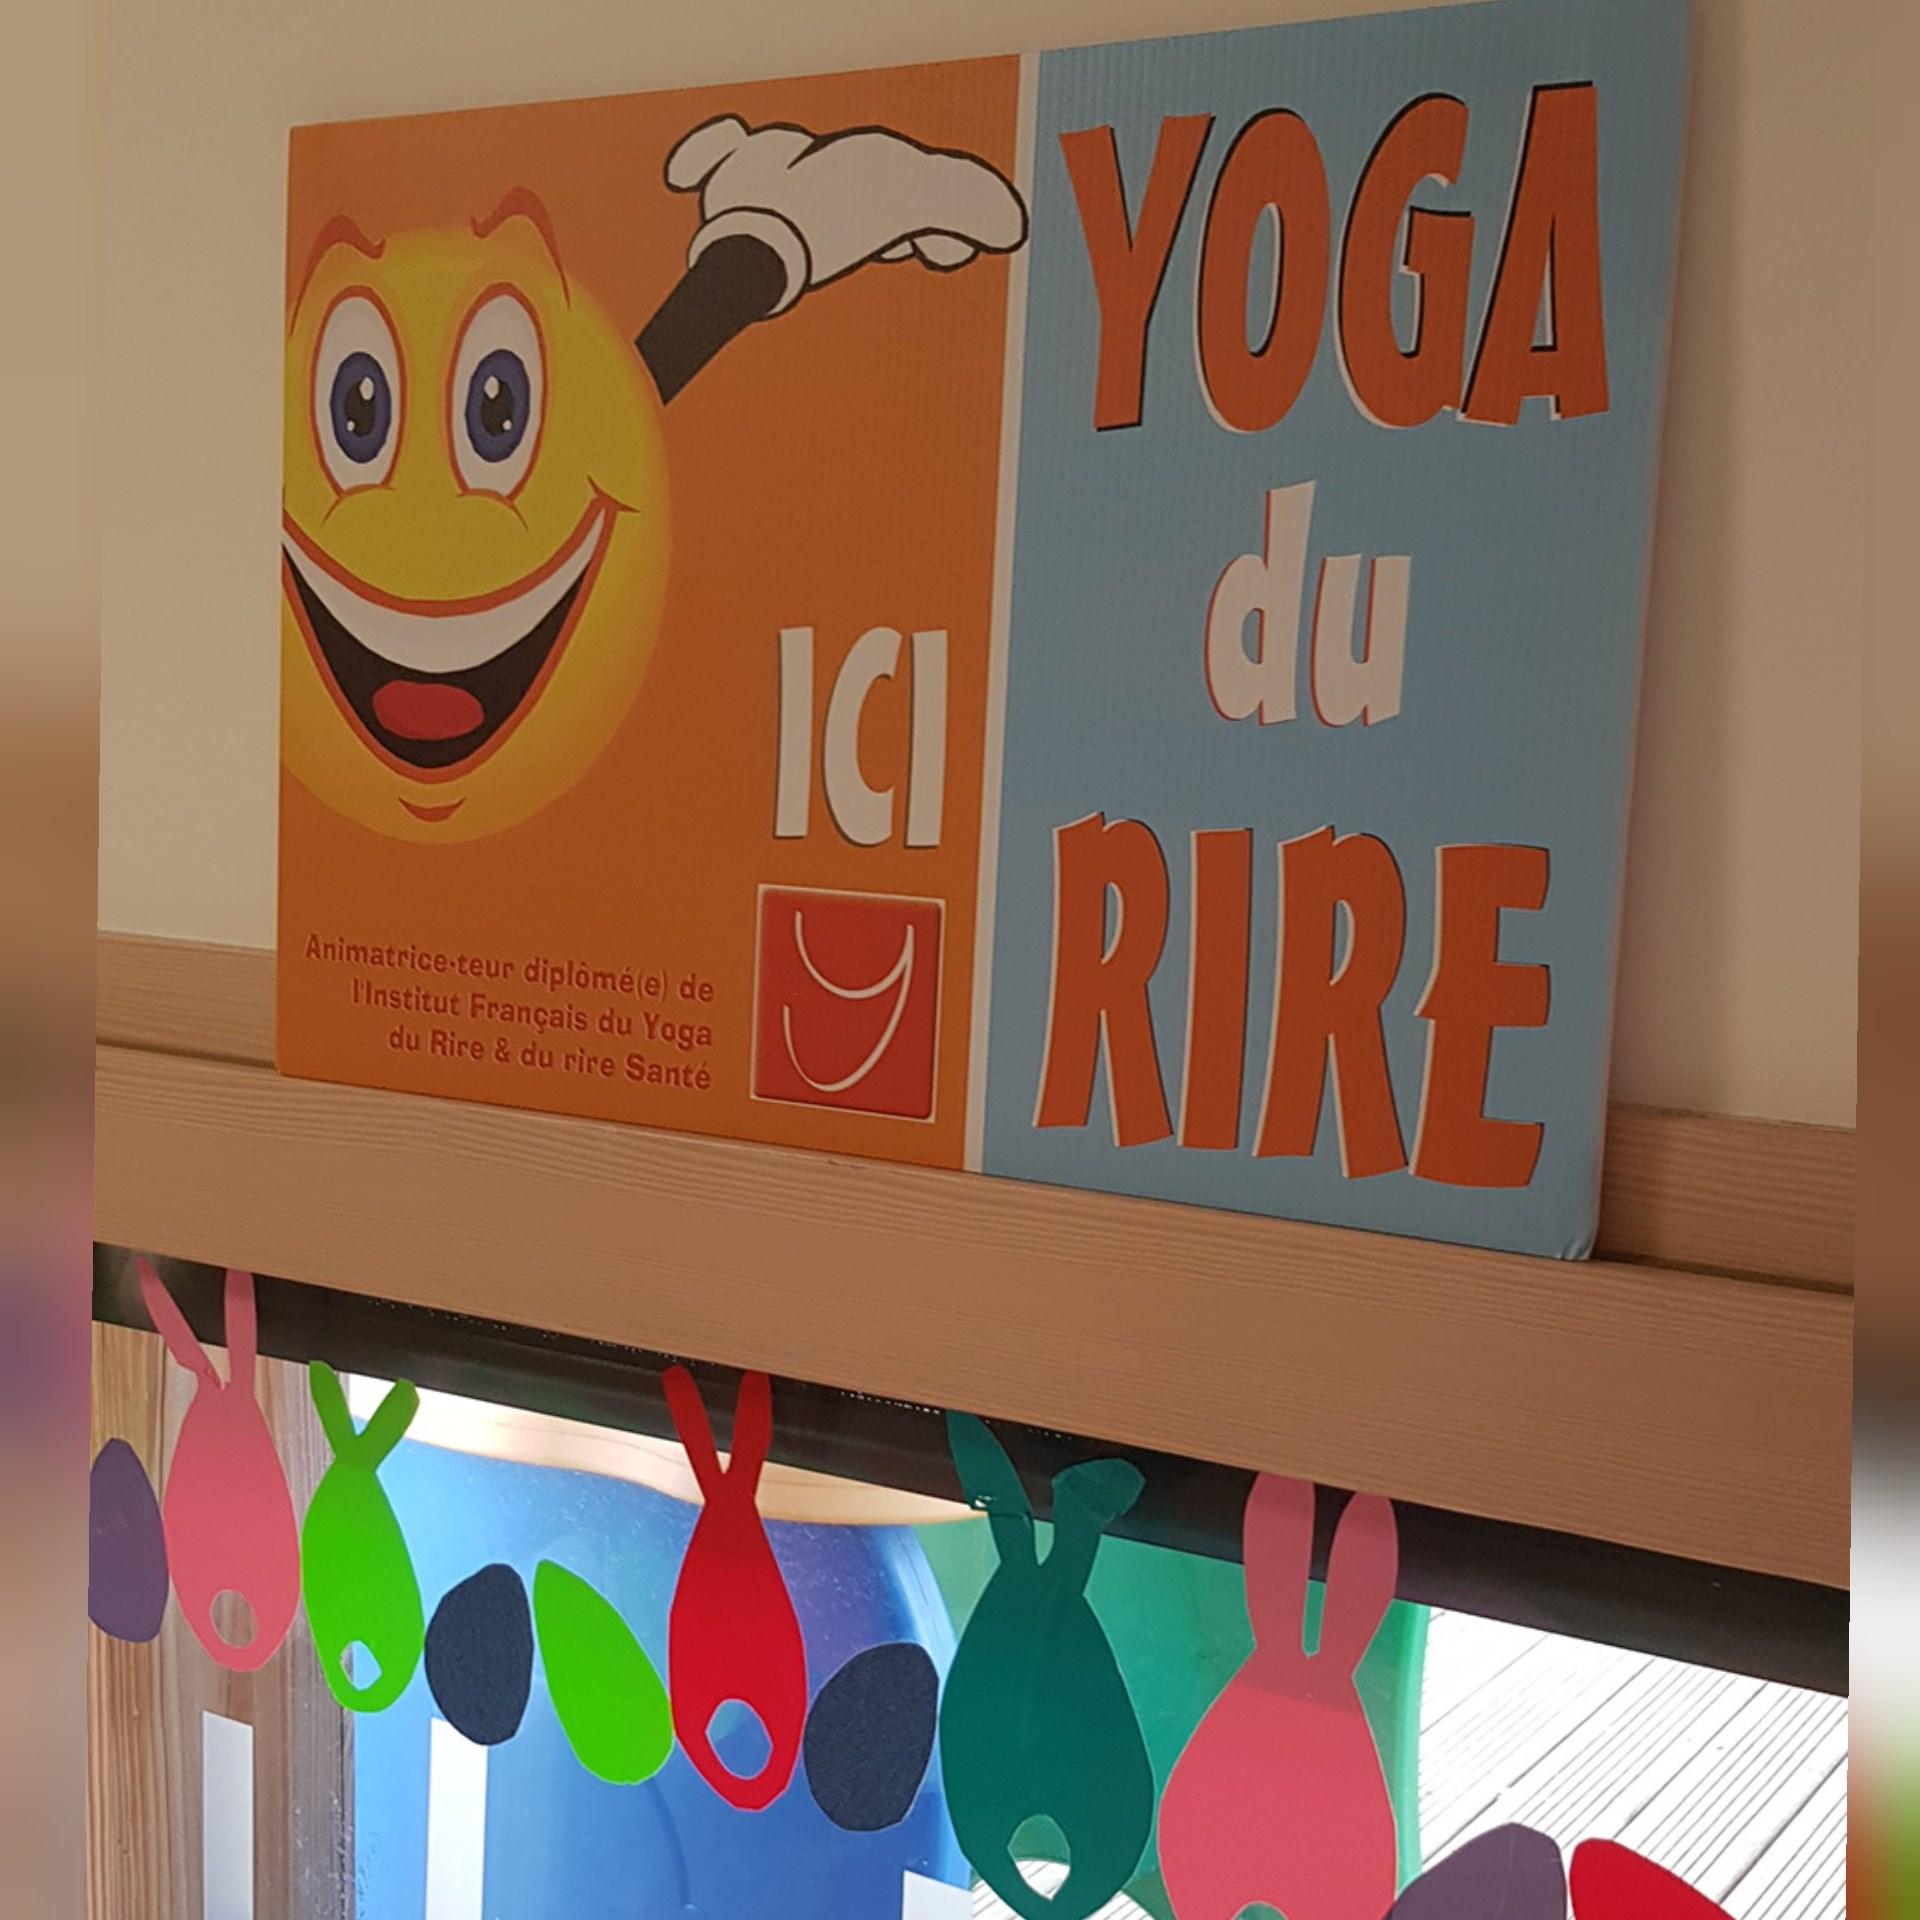 yoga-du-rire-avec-les-ptits-loups-cabanes-de-filomaine-aigrefeuille-sur-maine-123-libere-toi